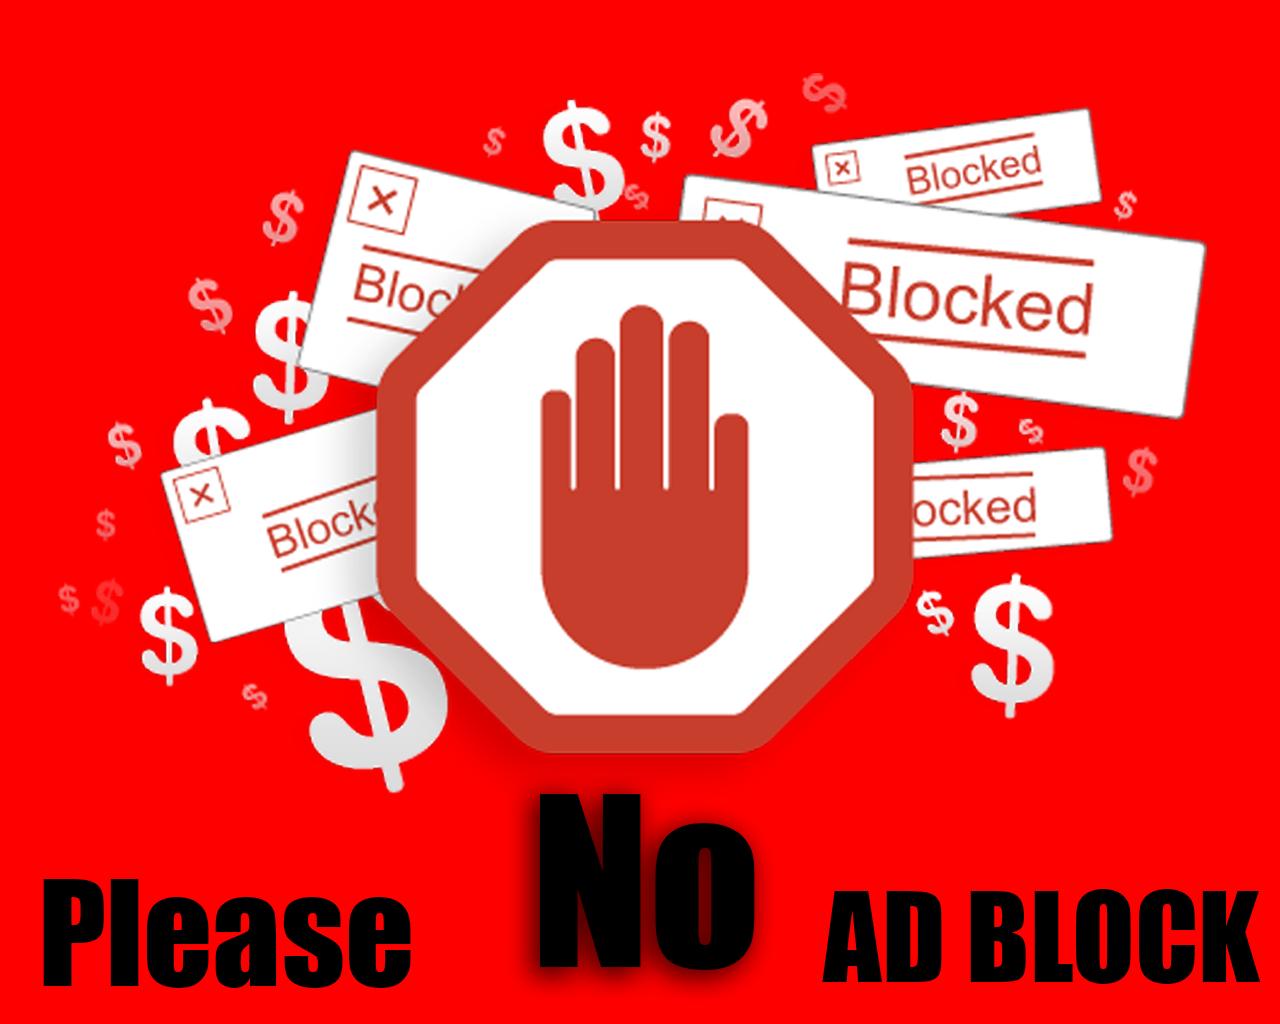 لهذه الاسباب عليك ان تتوقف فى استخدام adblock